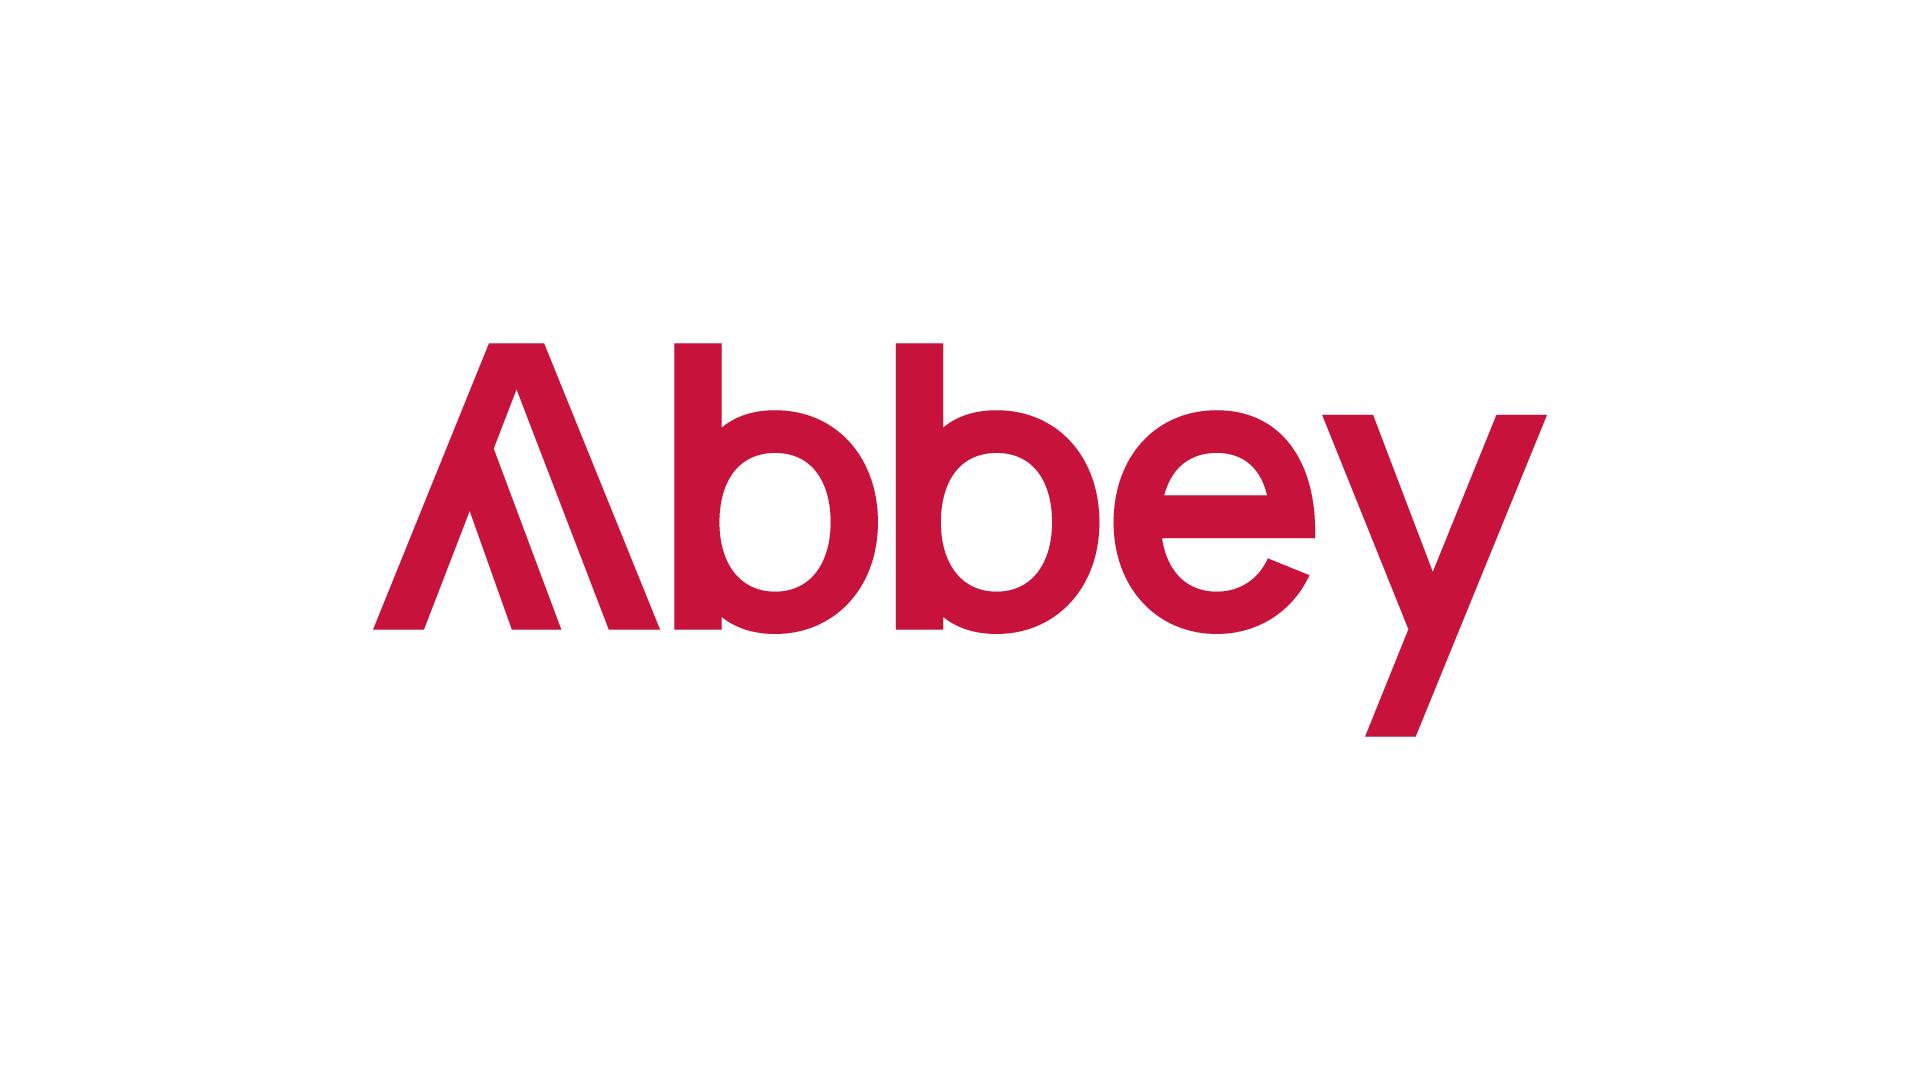 twofew_abbey_holder